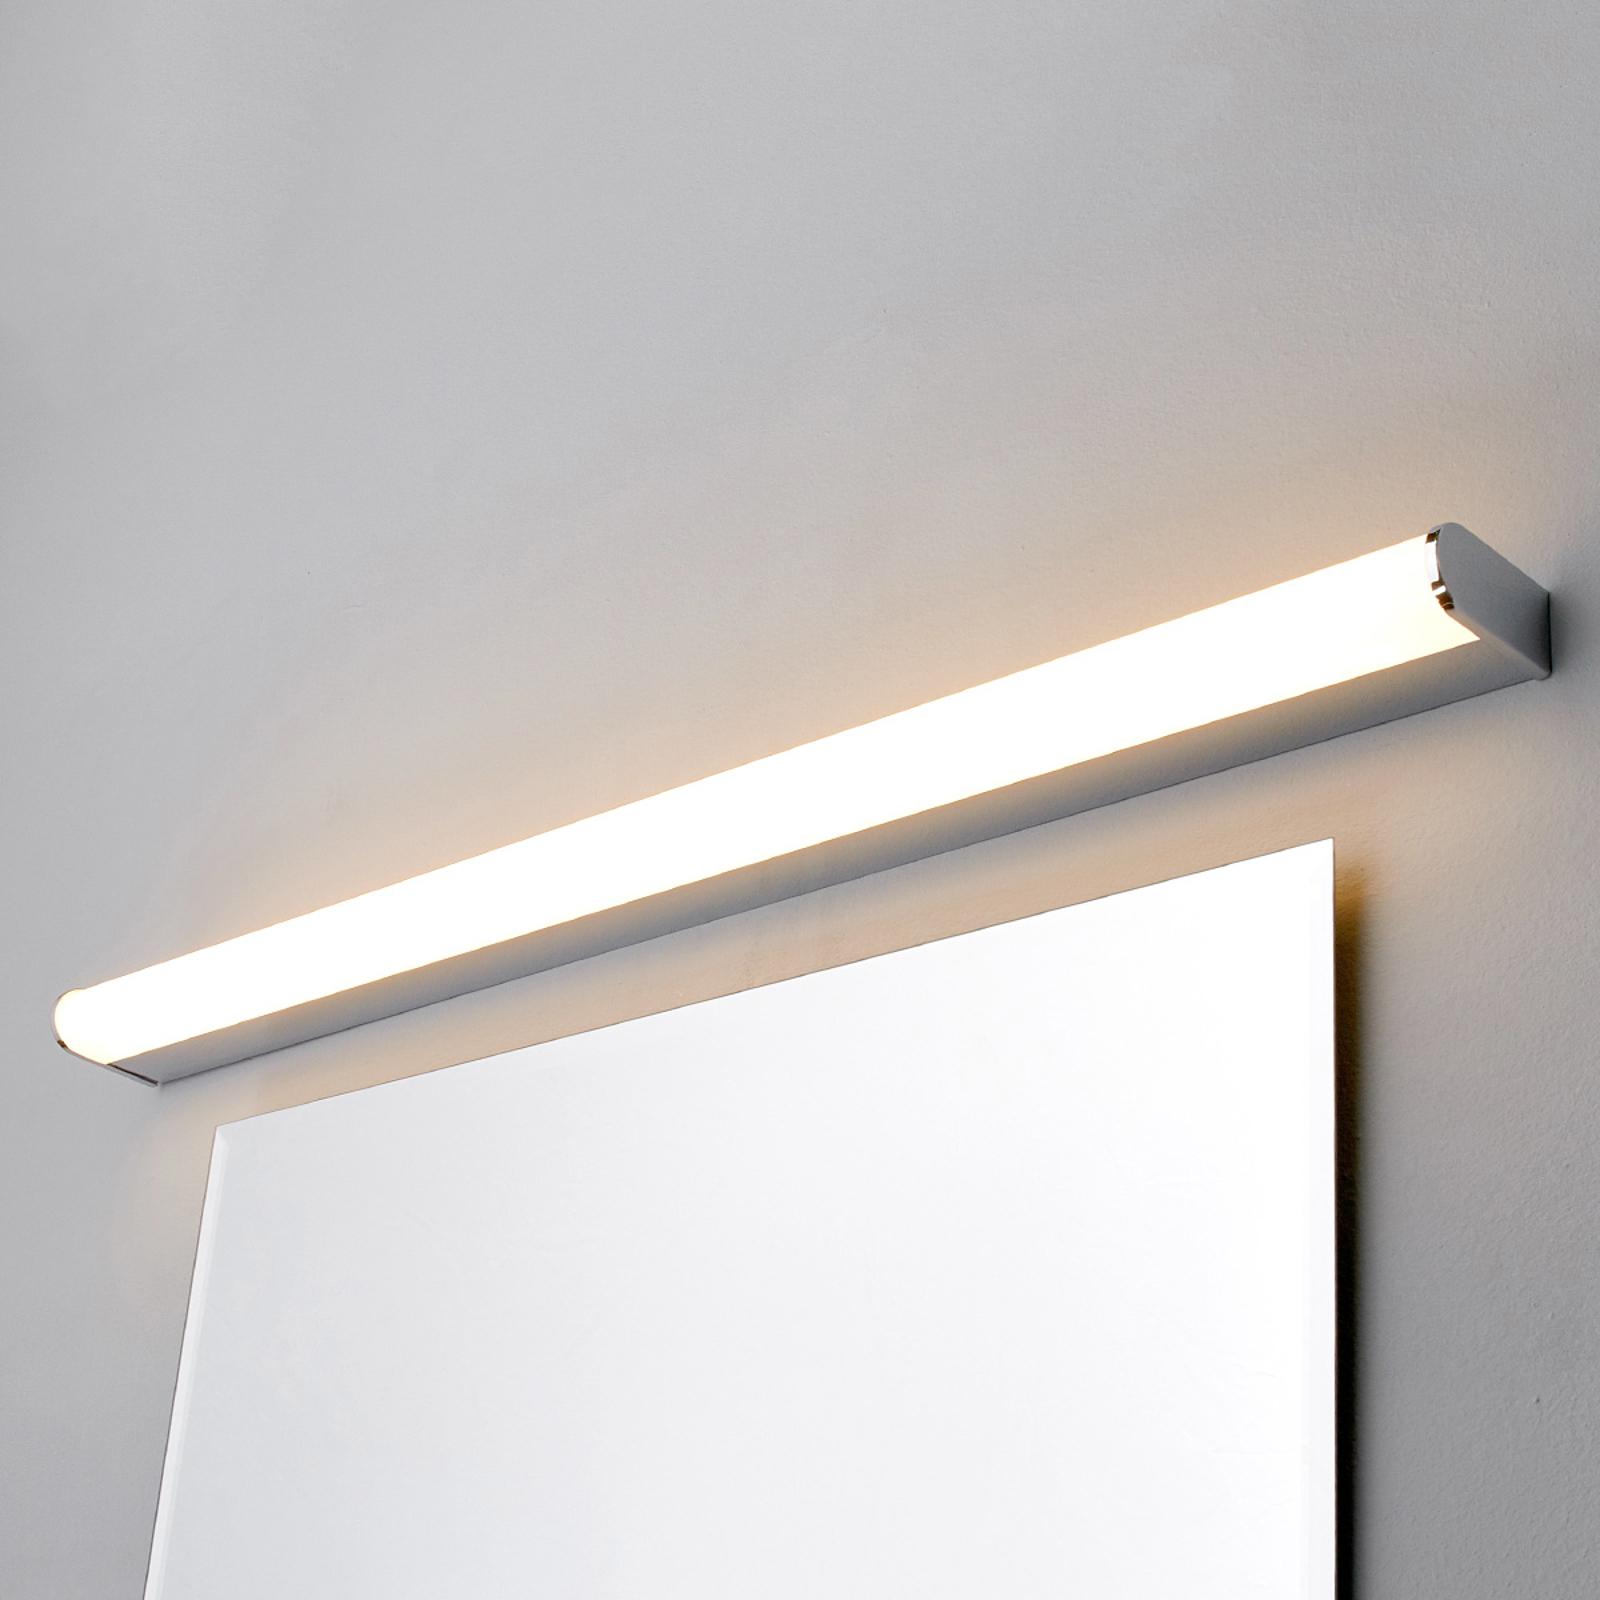 LED-Bad- und Spiegelleuchte Philippa halbrund 88cm